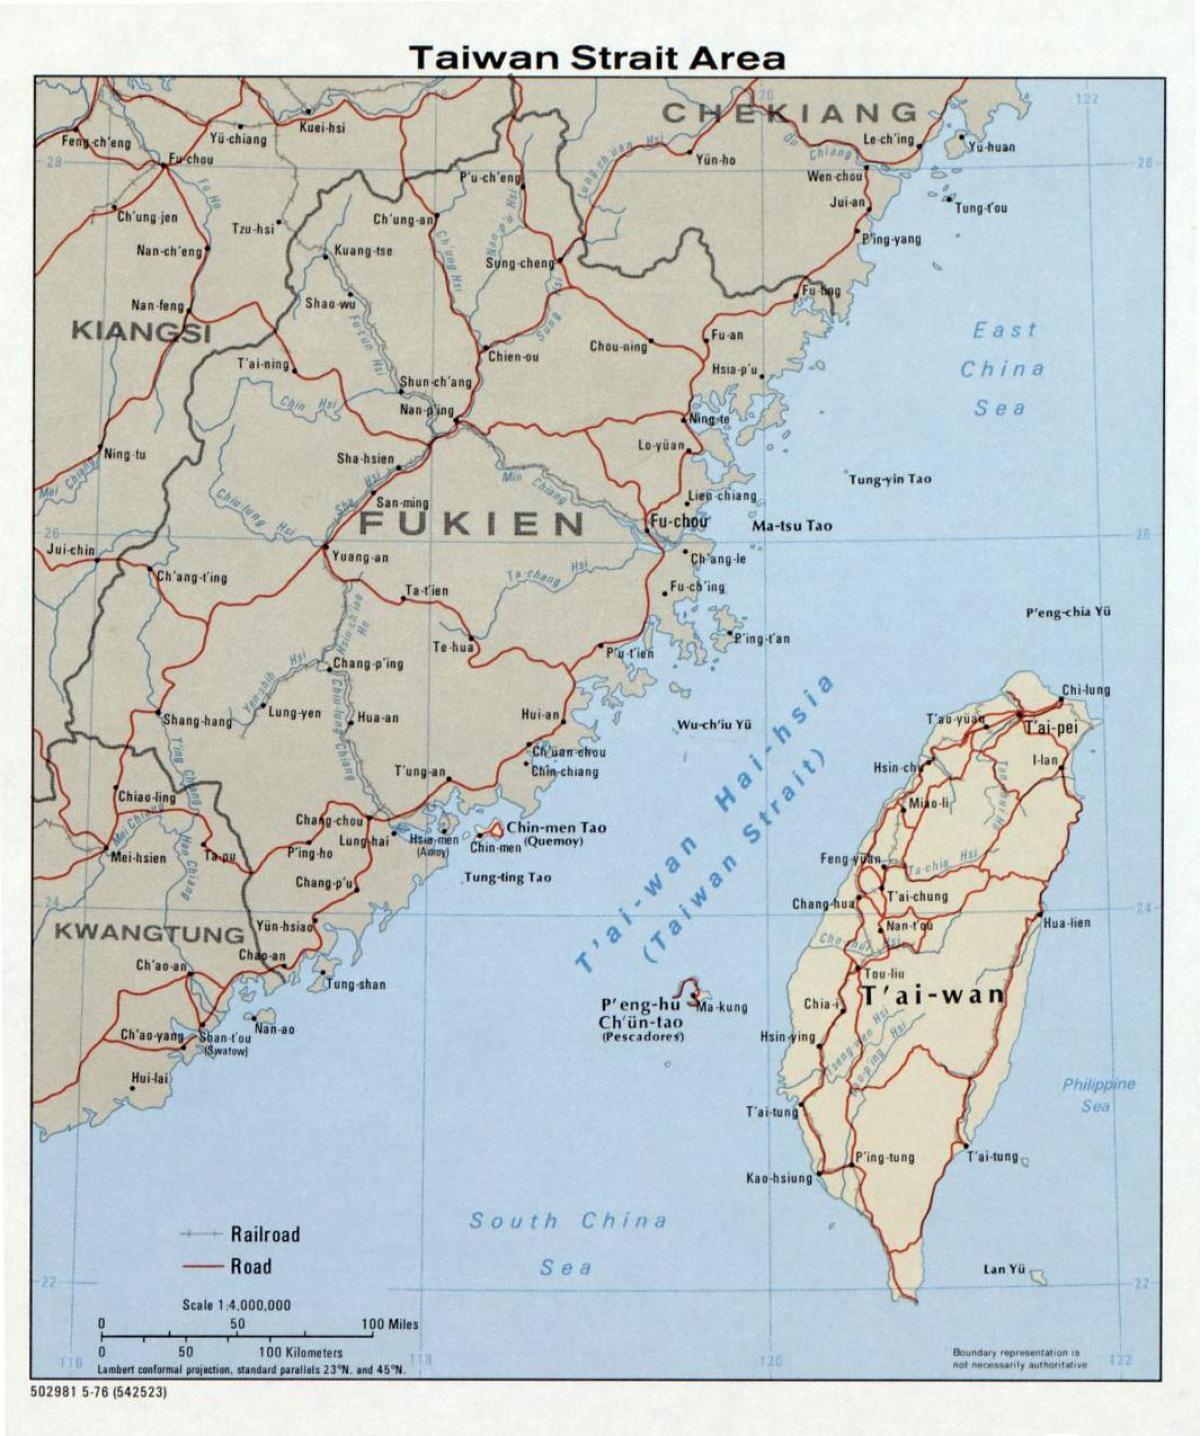 台湾海峡图